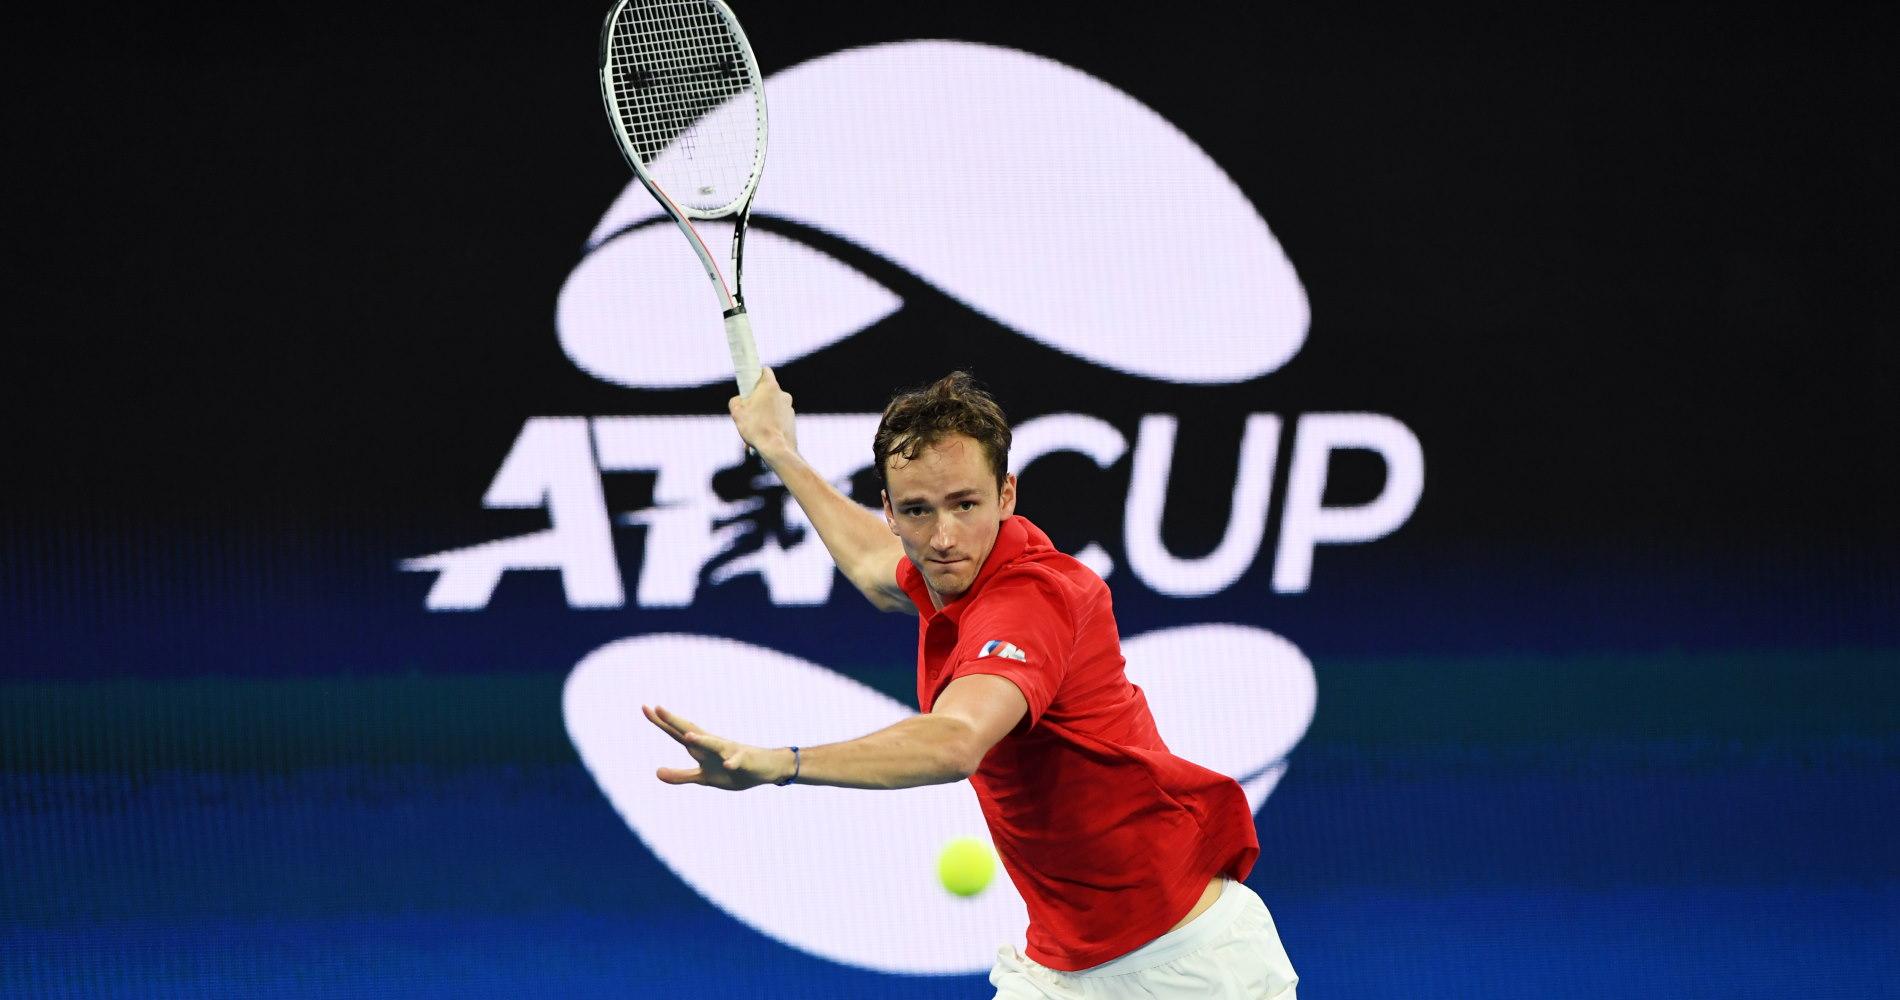 Daniil_Medvedev_ATP_Cup_2021